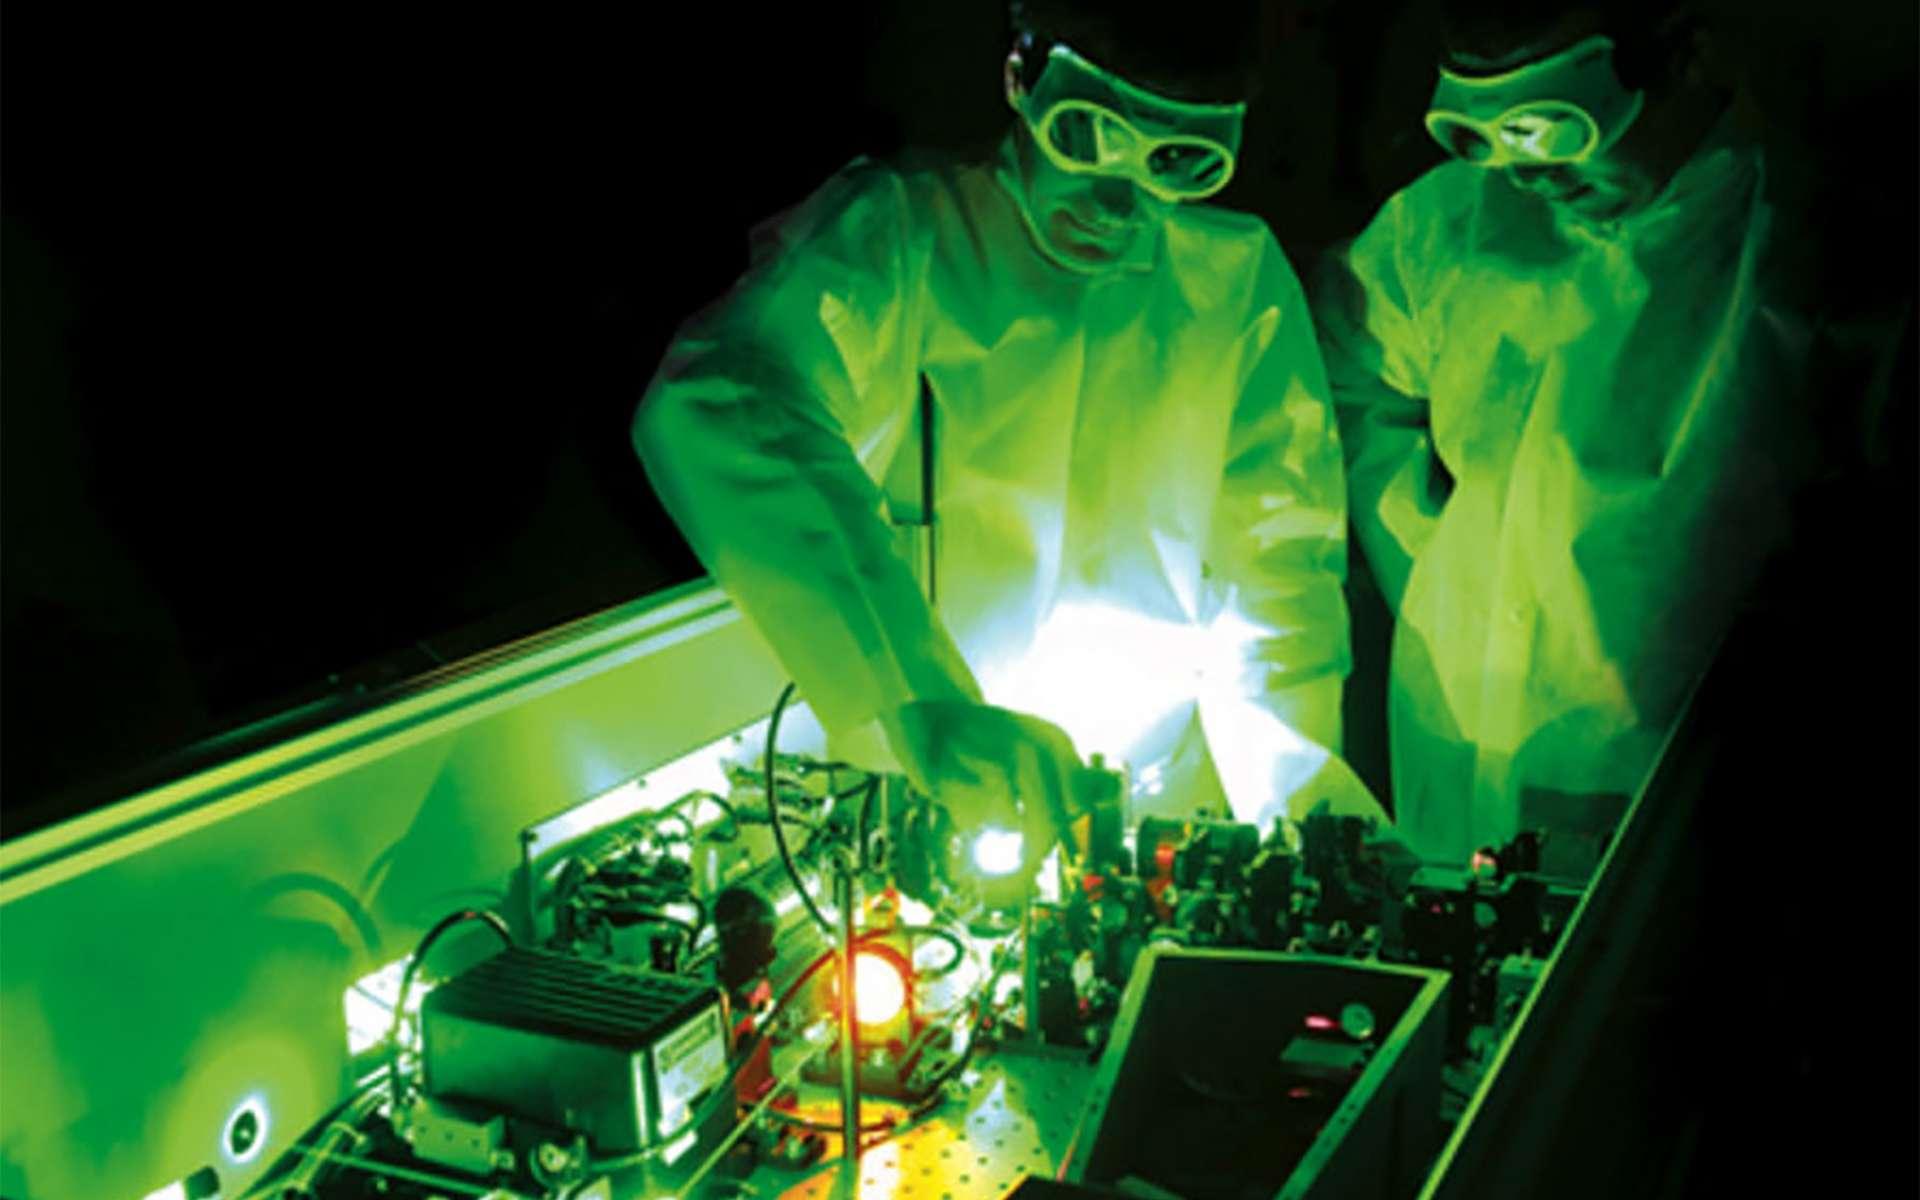 Vue d'artiste du futur site du laser le plus puissant au monde (de 2x10 pétawatts, soit 20 millions de milliards de watts) sur le site d'ELI-NP, en Roumanie. © Thales, IFIN-HH